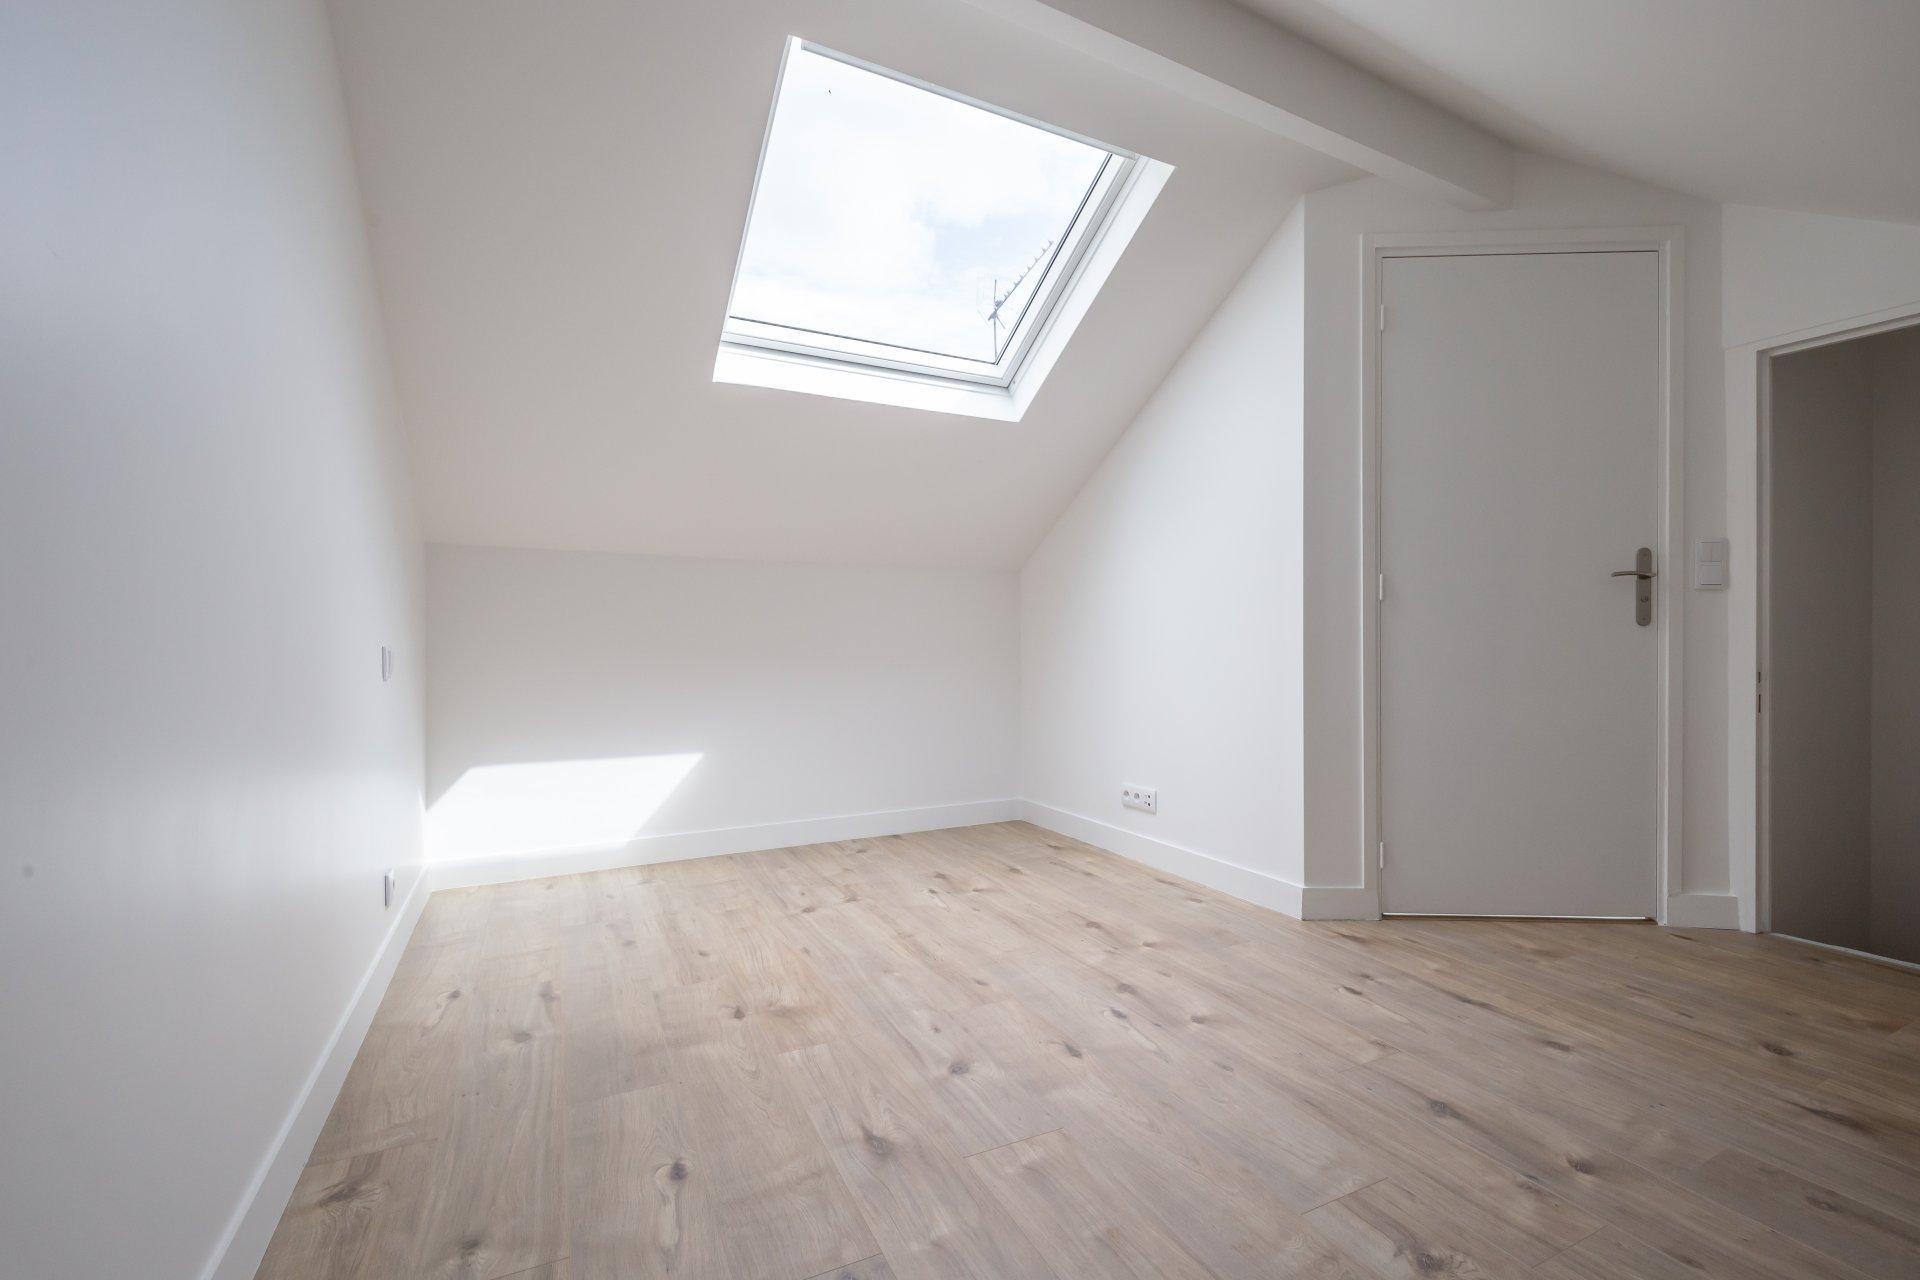 MAISON DE VILLE de 85 m², 3 chambres avec une DÉPENDANCE de 10 m², le tout refait à neuf !